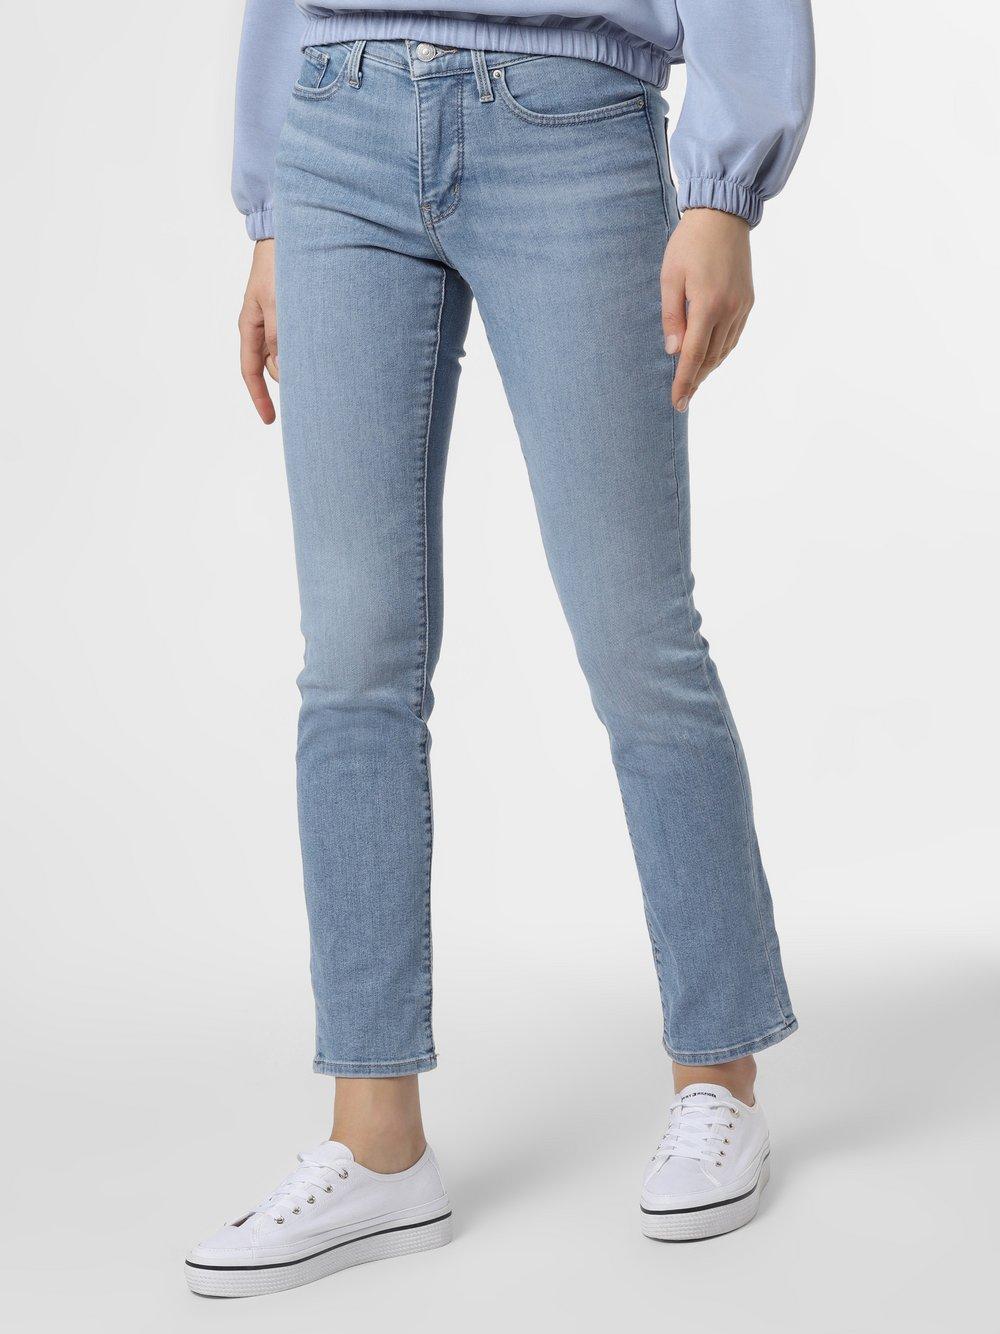 Levi's - Jeansy damskie – 312™ Shaping Slim, niebieski